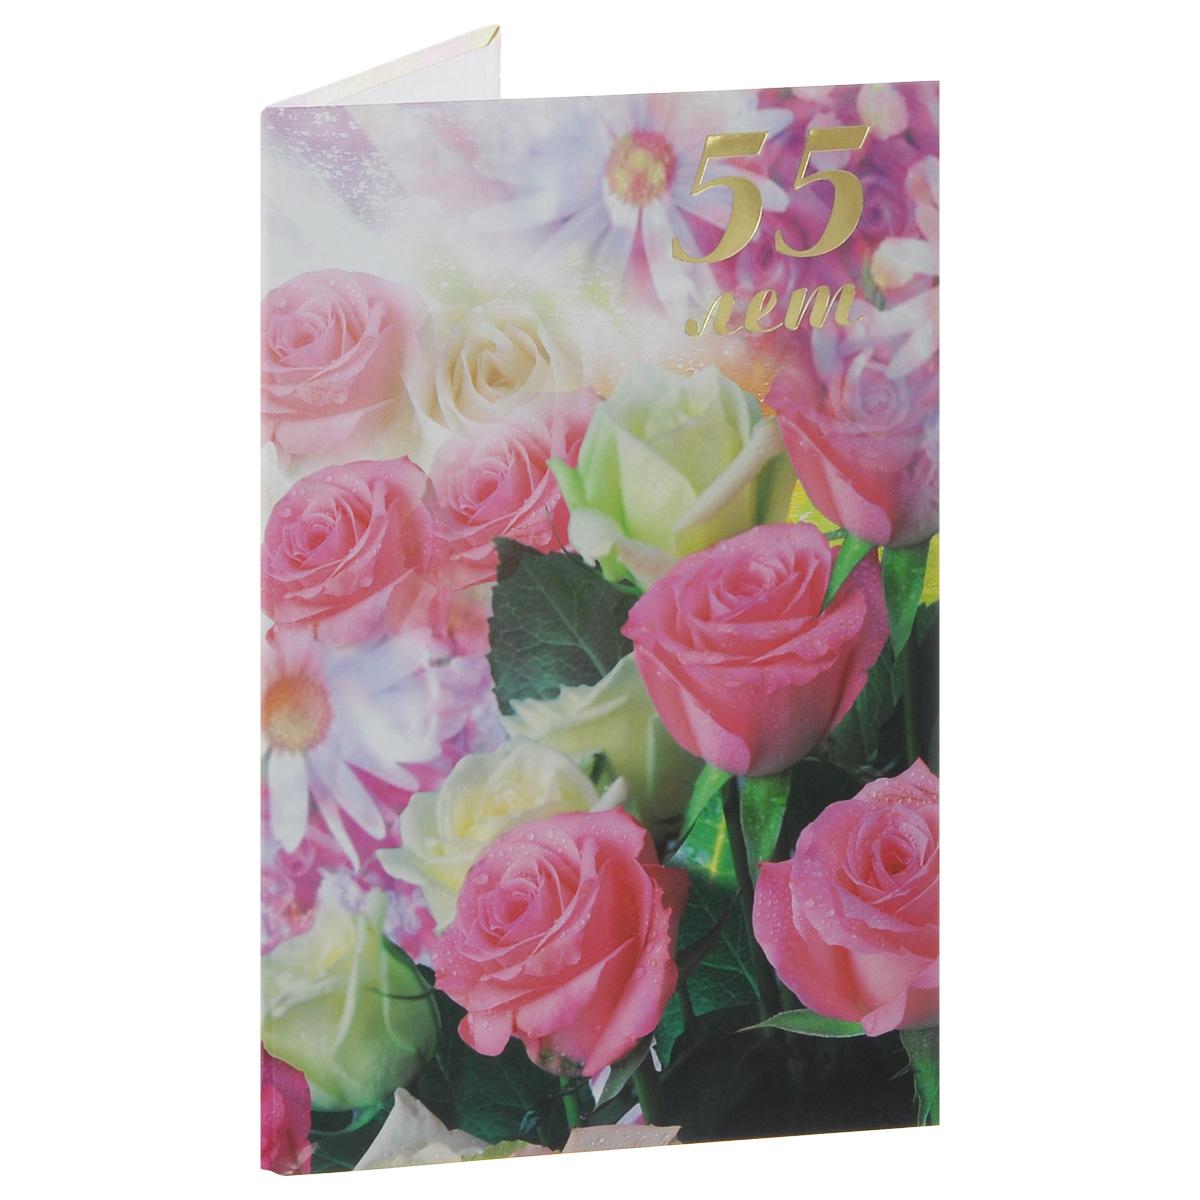 Папка адресная 55 лет. Розы, формат А4АП4-09-035Адресная папка 55 лет. Розы станет прекрасным дополнением к подарку на юбилей. Папка выполнена из плотного ламинированного картона с поролоновой подложкой. На красочной обложке расположена надпись 55 лет,нанесенная методом тиснения импортной фольгой. Внутренние форзацы выполнены из плотной бумаги белого цвета. Для закрепления вкладыша предусмотрена лента-фиксатор.